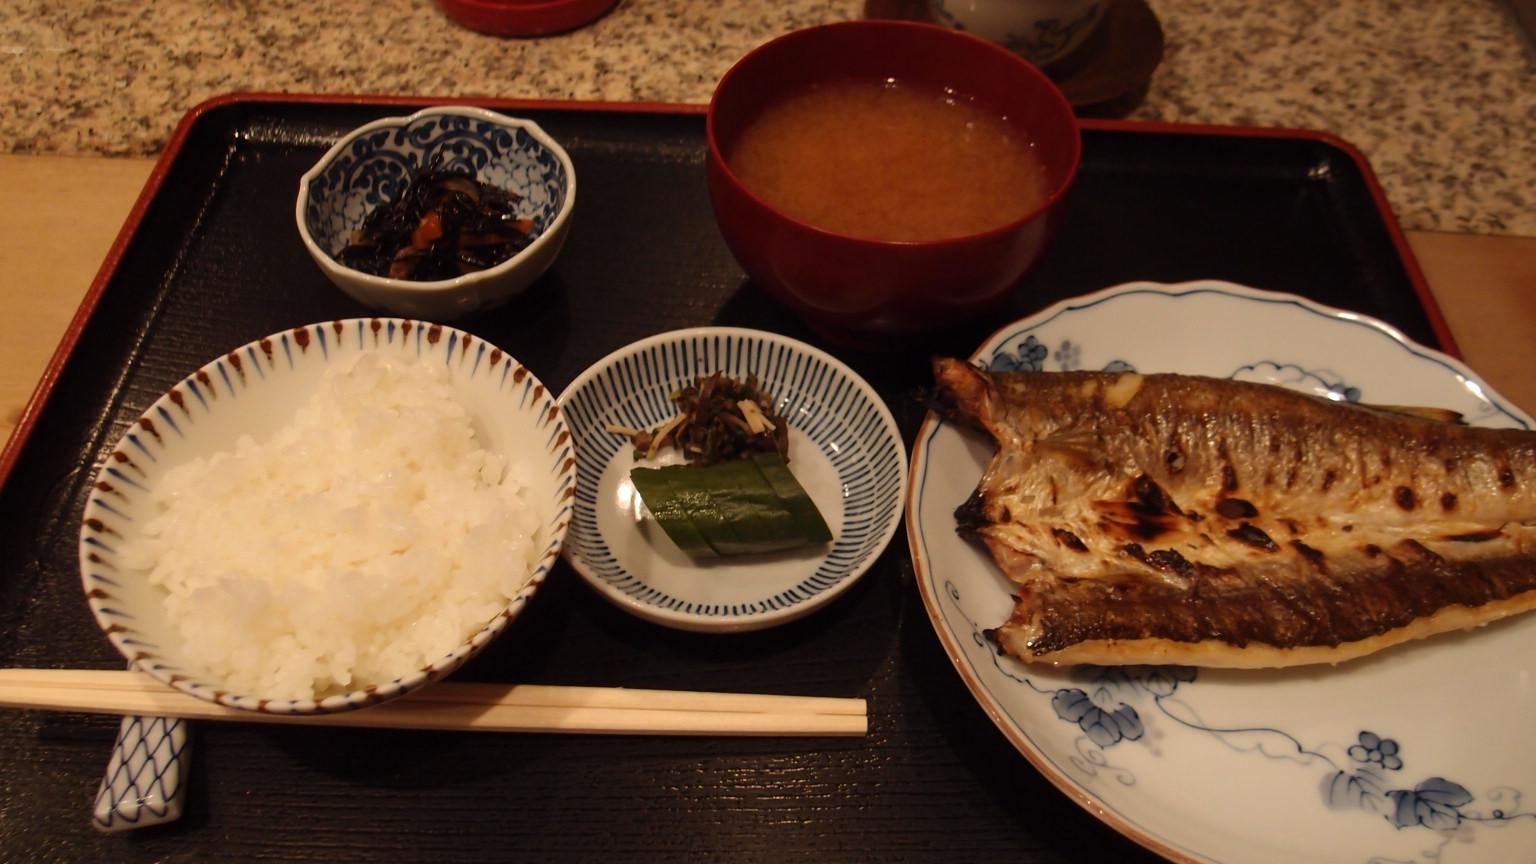 銀座 三亀 焼物(1品選び)